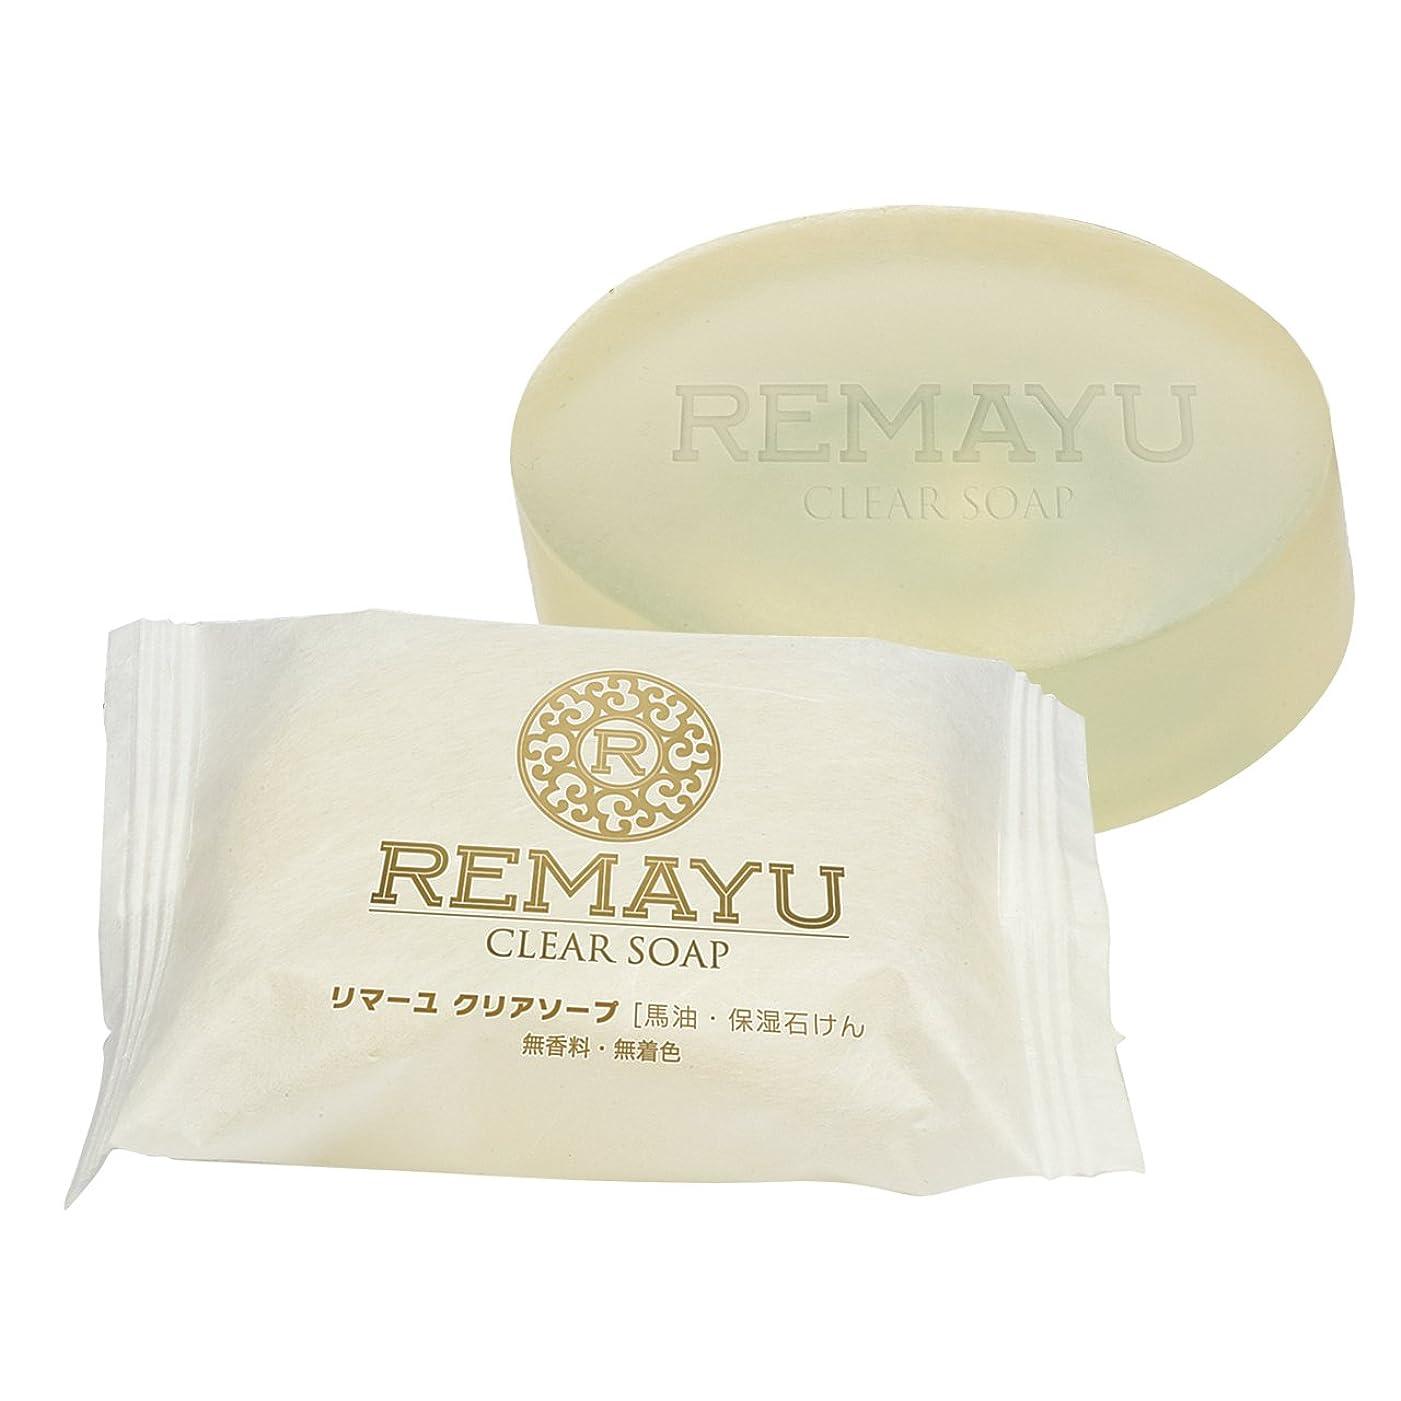 合併症戦うポルトガル語リマーユ クリアソープ 90g 馬油 リバテープ製薬 日本製 ばゆ石鹸 ばゆ洗顔